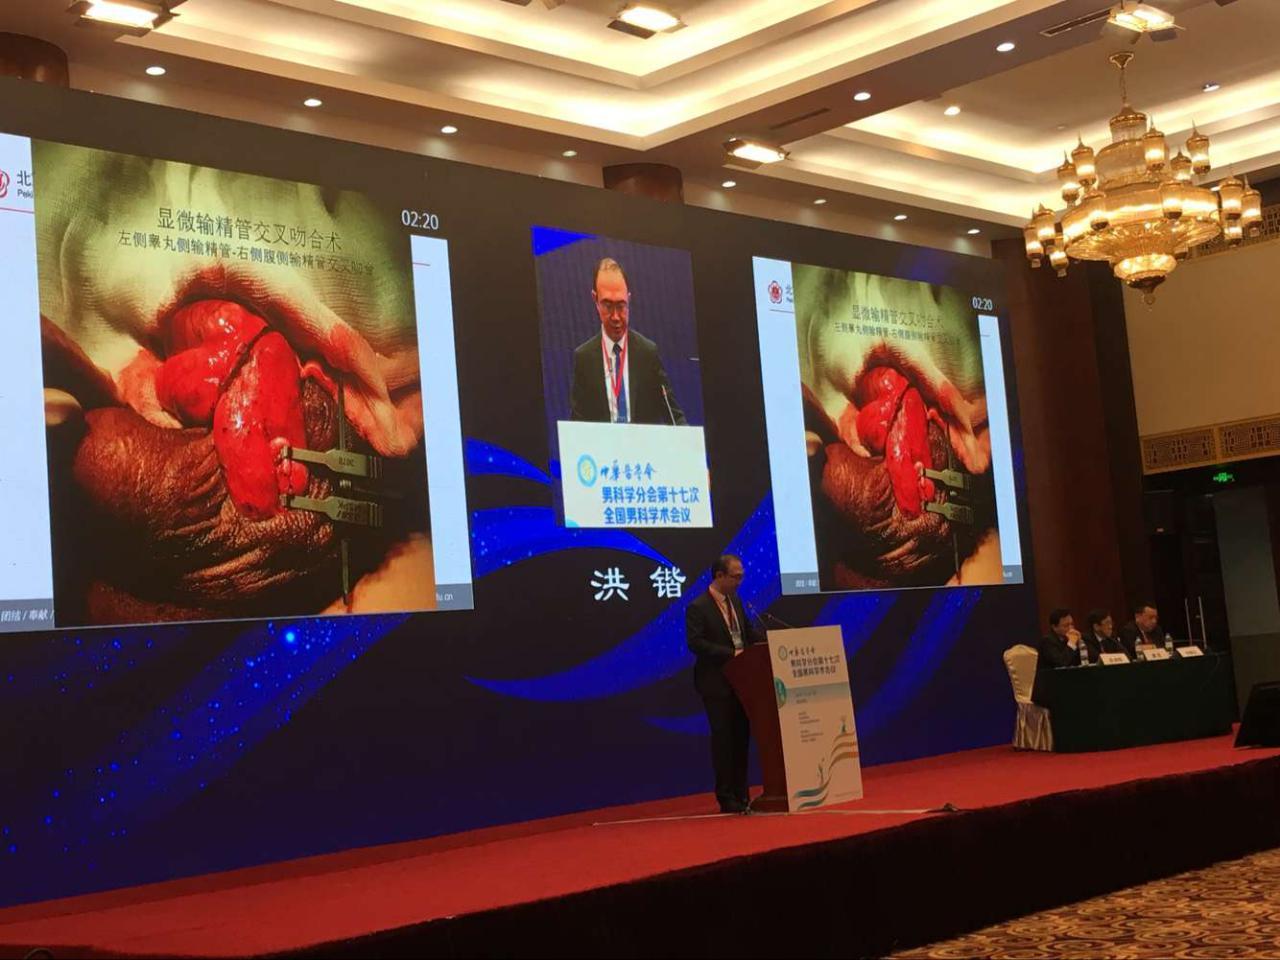 济南九龙受邀出席高端会议——第十七次全国男科学学术大会